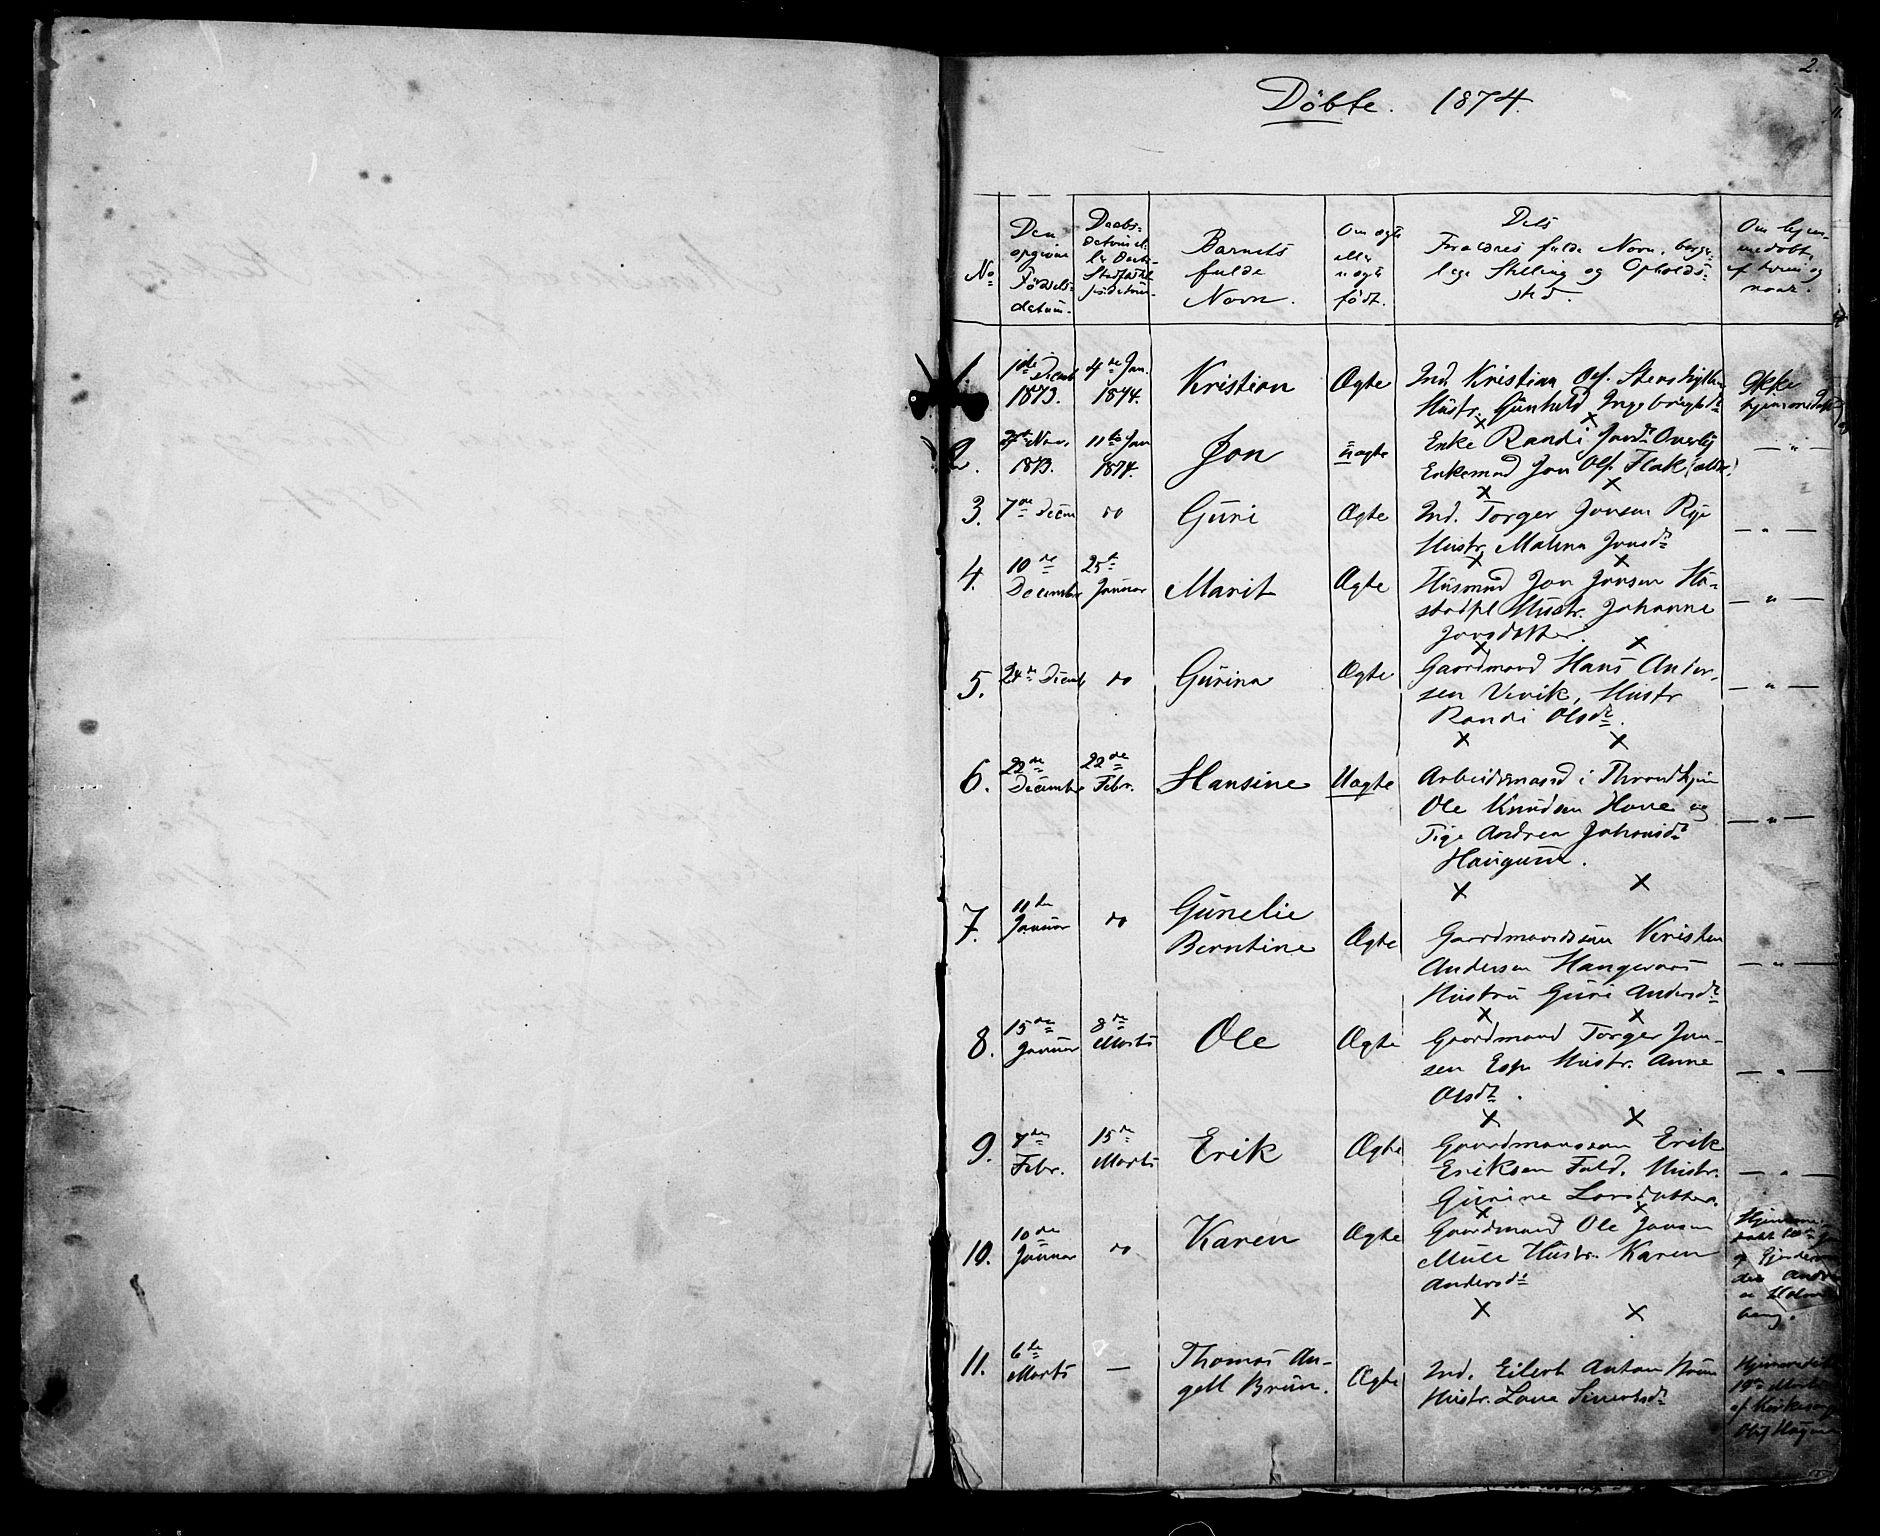 SAT, Ministerialprotokoller, klokkerbøker og fødselsregistre - Sør-Trøndelag, 612/L0387: Klokkerbok nr. 612C03, 1874-1908, s. 2